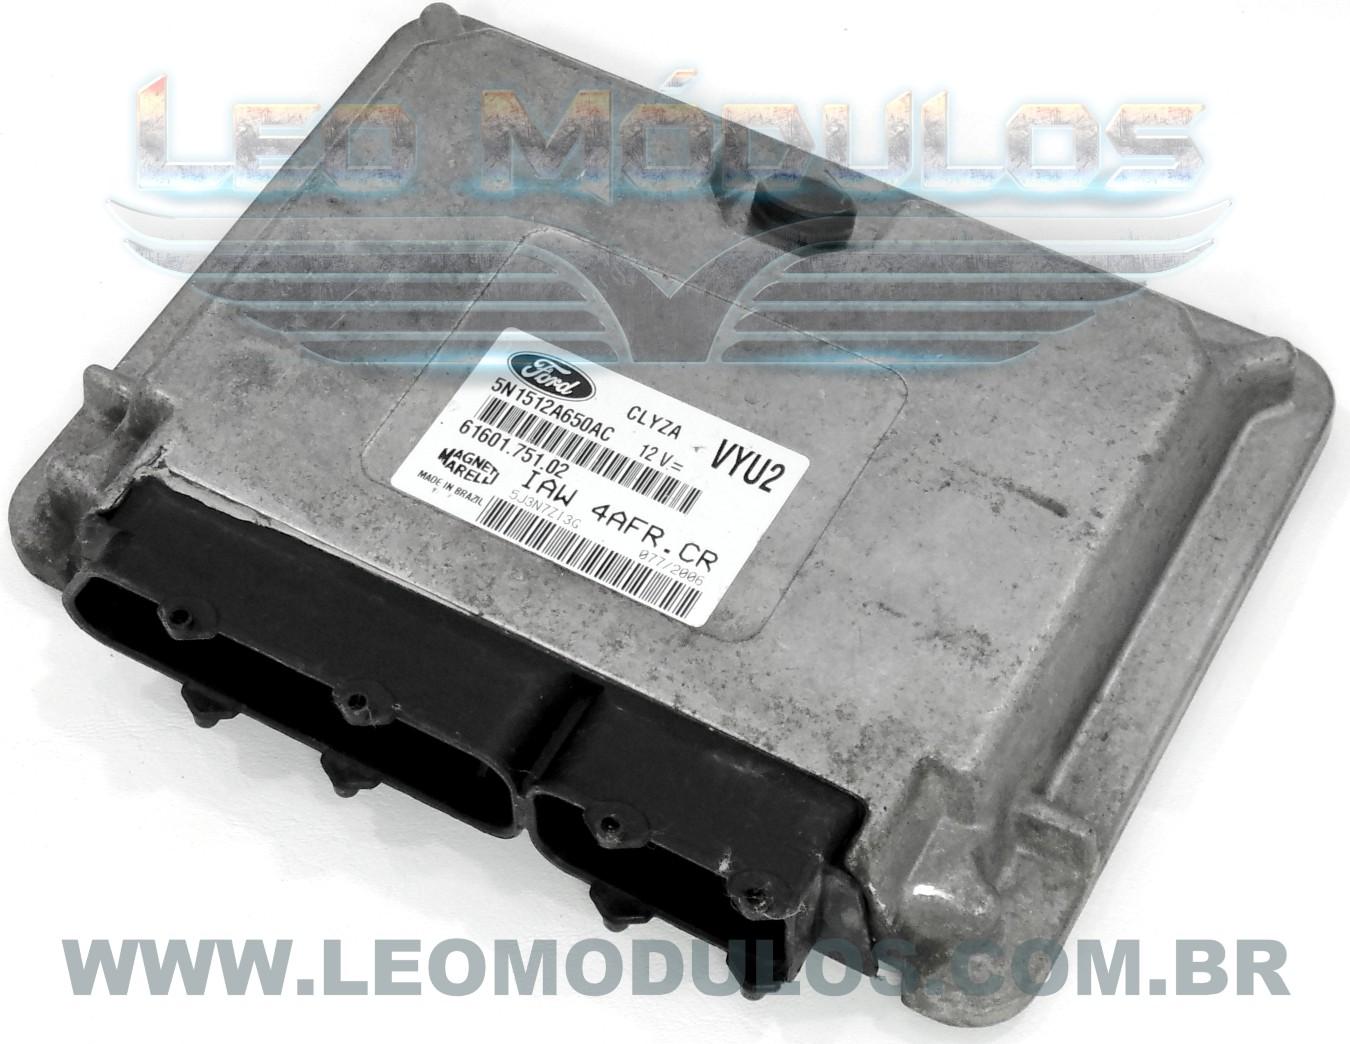 Módulo de injeção marelli - IAW 4AFR.CR VYU2 - 5N1512A650AC - Ford Ecosport 1.6 Flex - IAW 4AFRCR - Leo Módulos